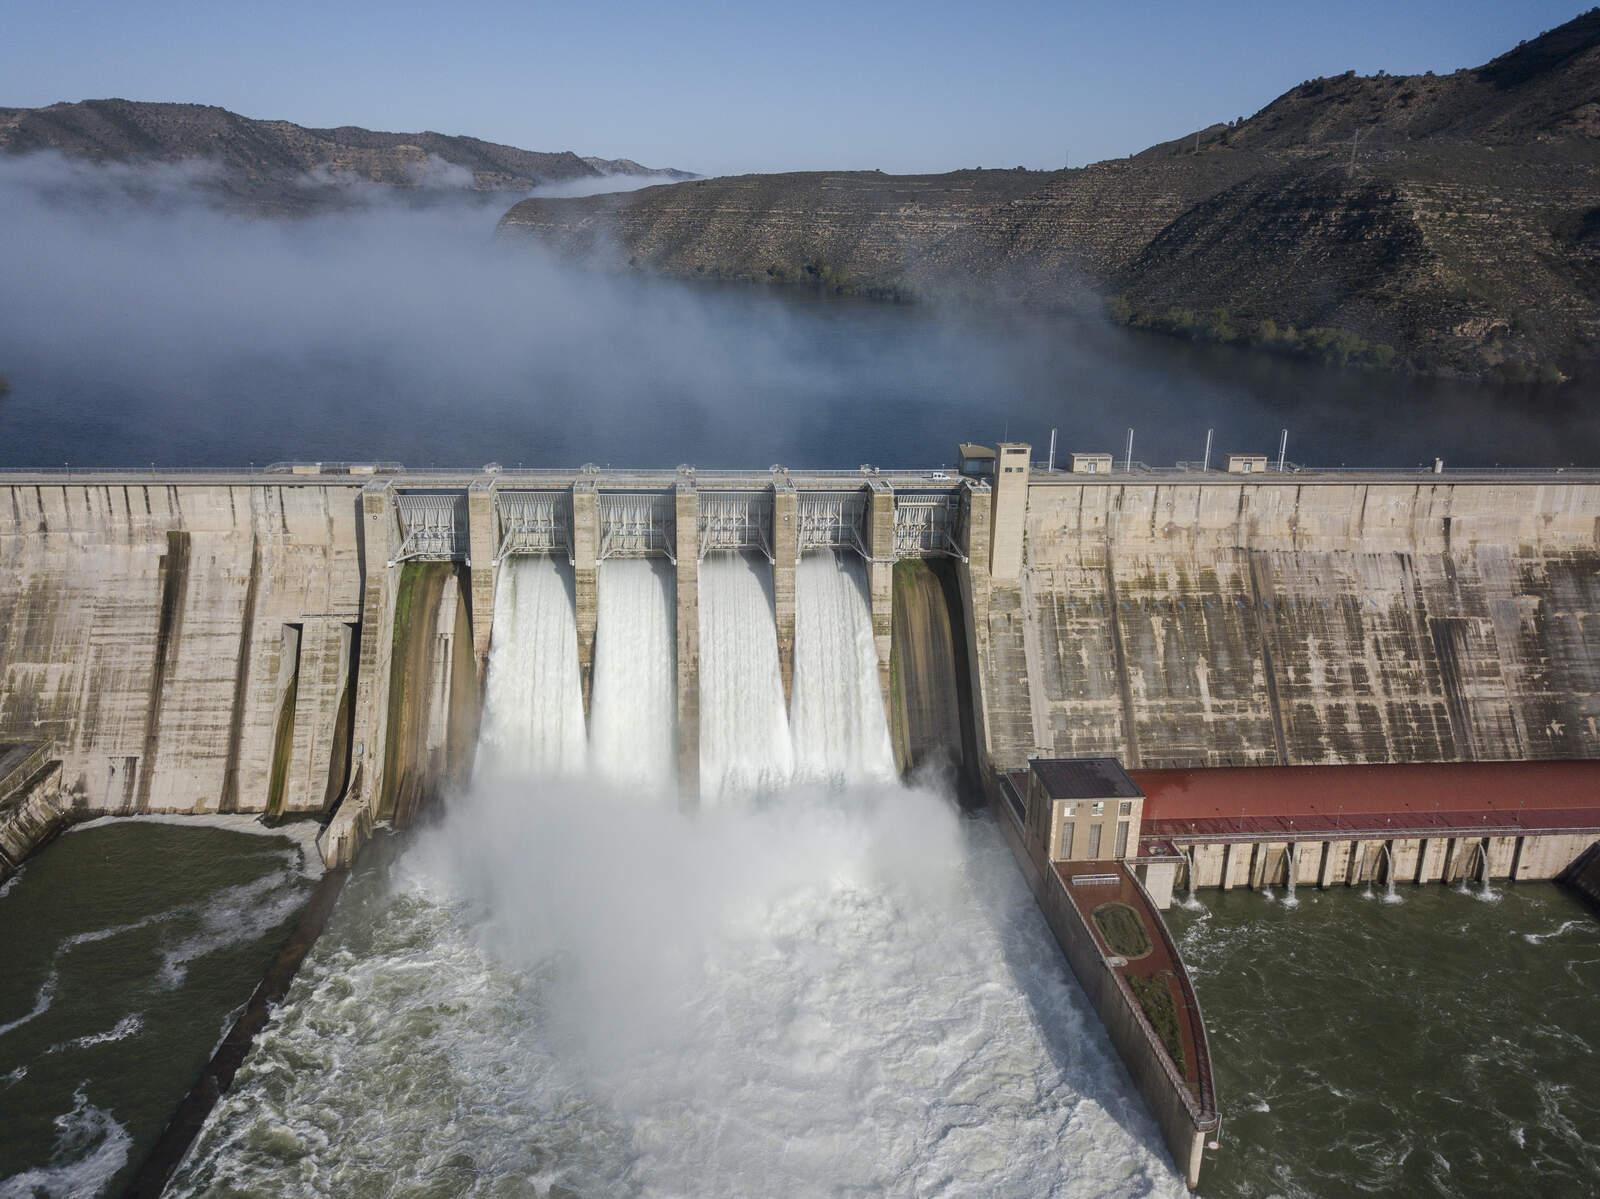 La presa de Mequinensa desembassant